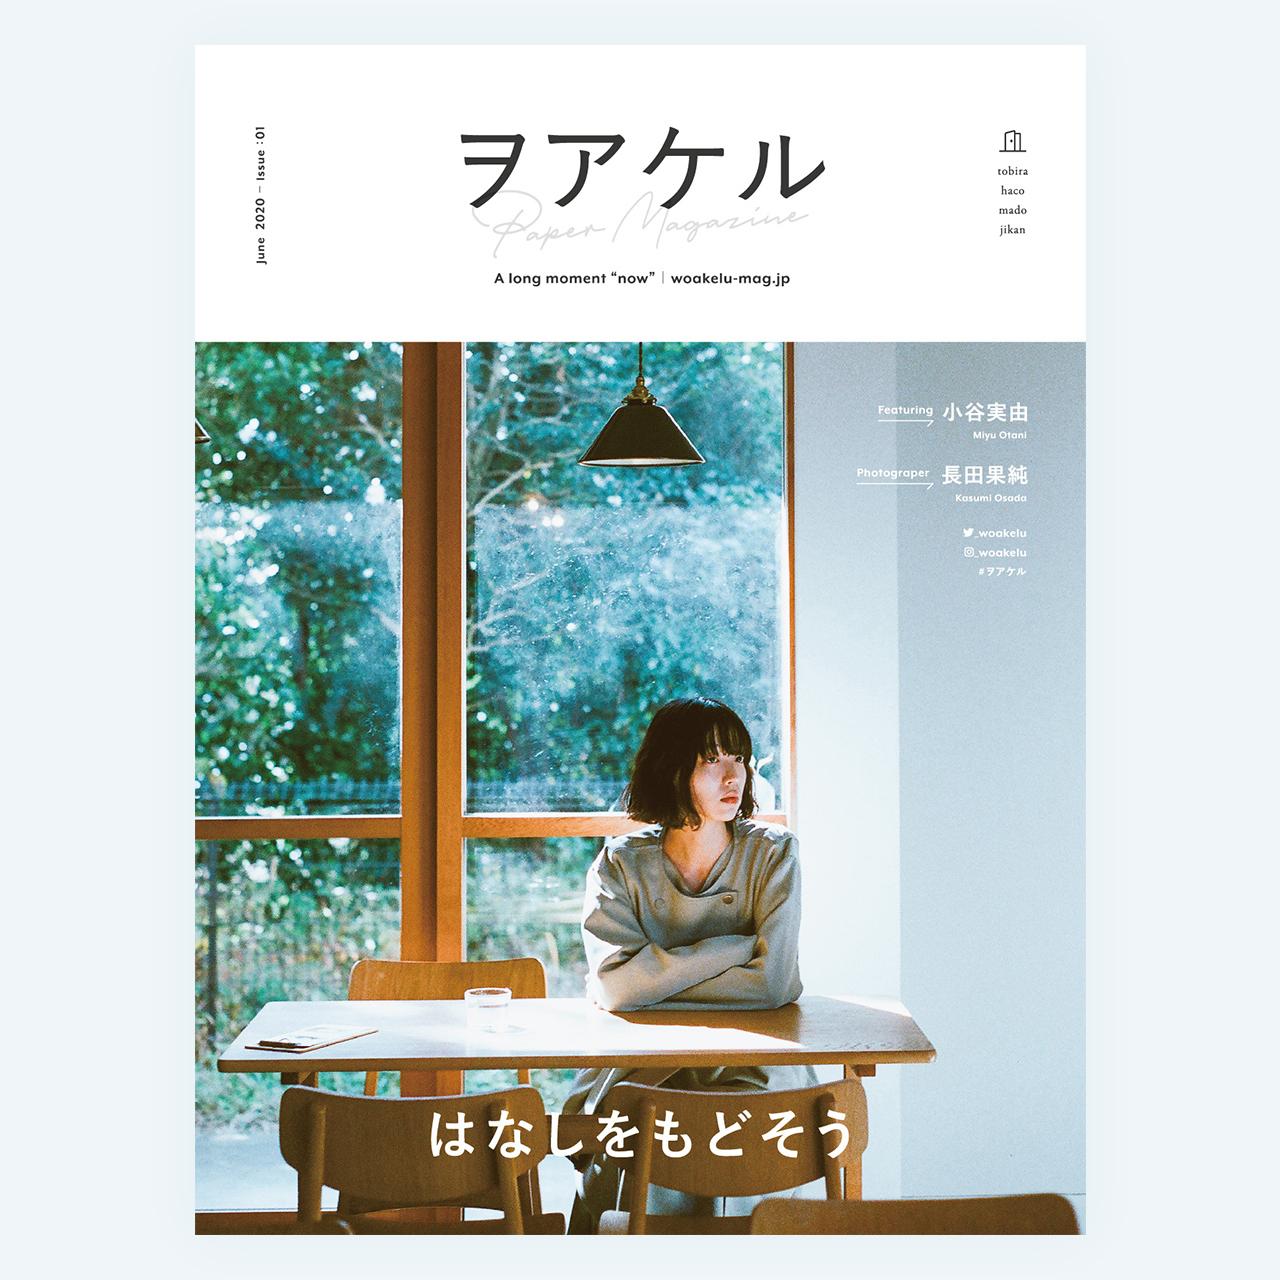 【ヲアケル】Issue:01 - はなしをもどそう